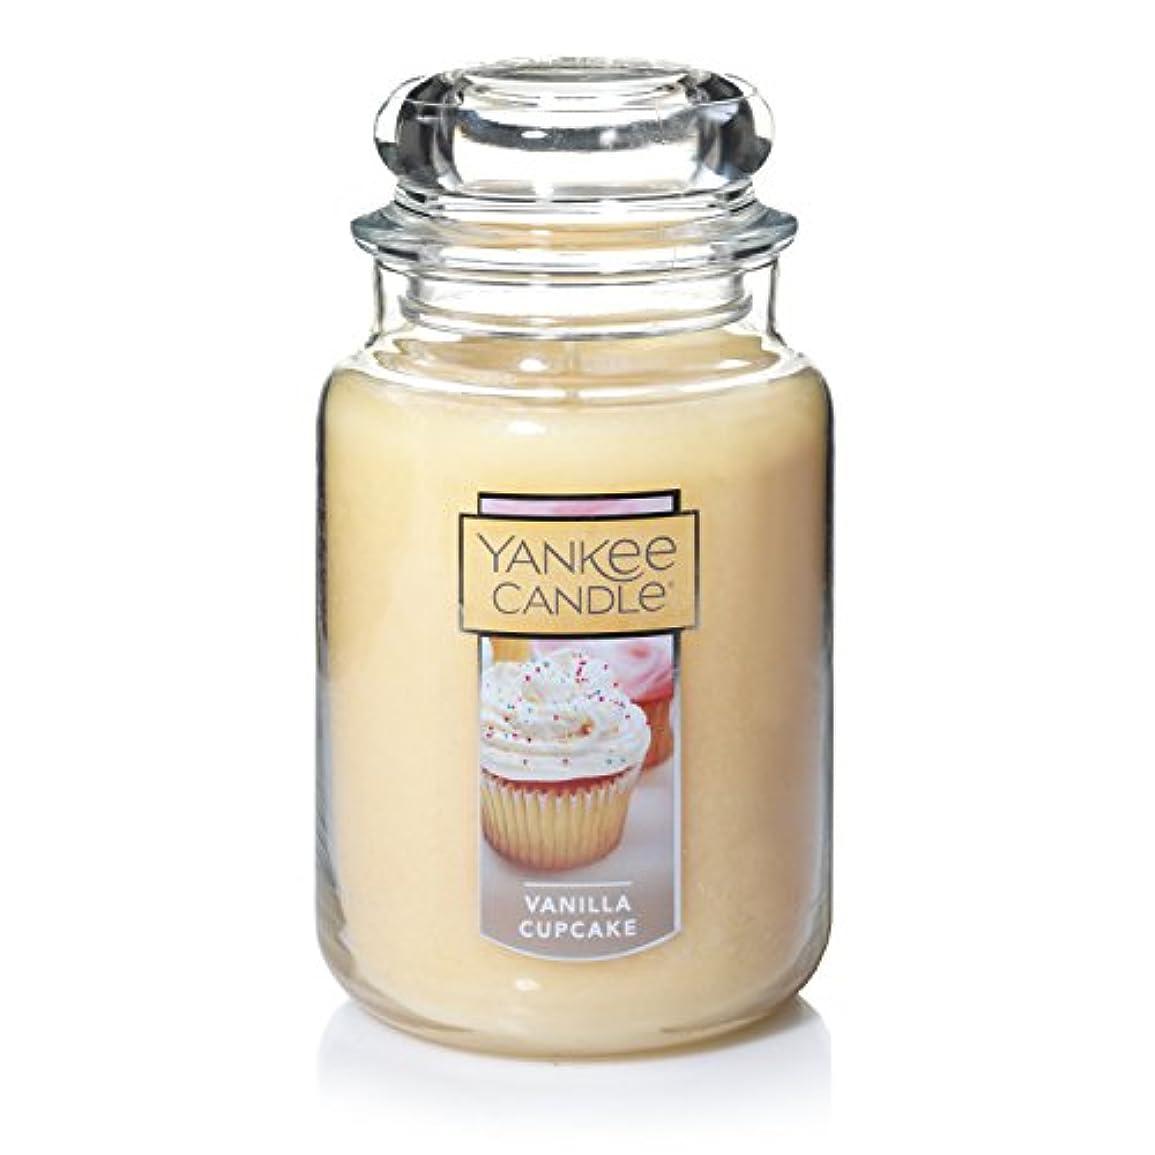 ピケジャンプ石炭Yankee Candle Company Vanilla Cupcake Large Jar Candle by Yankee Candle